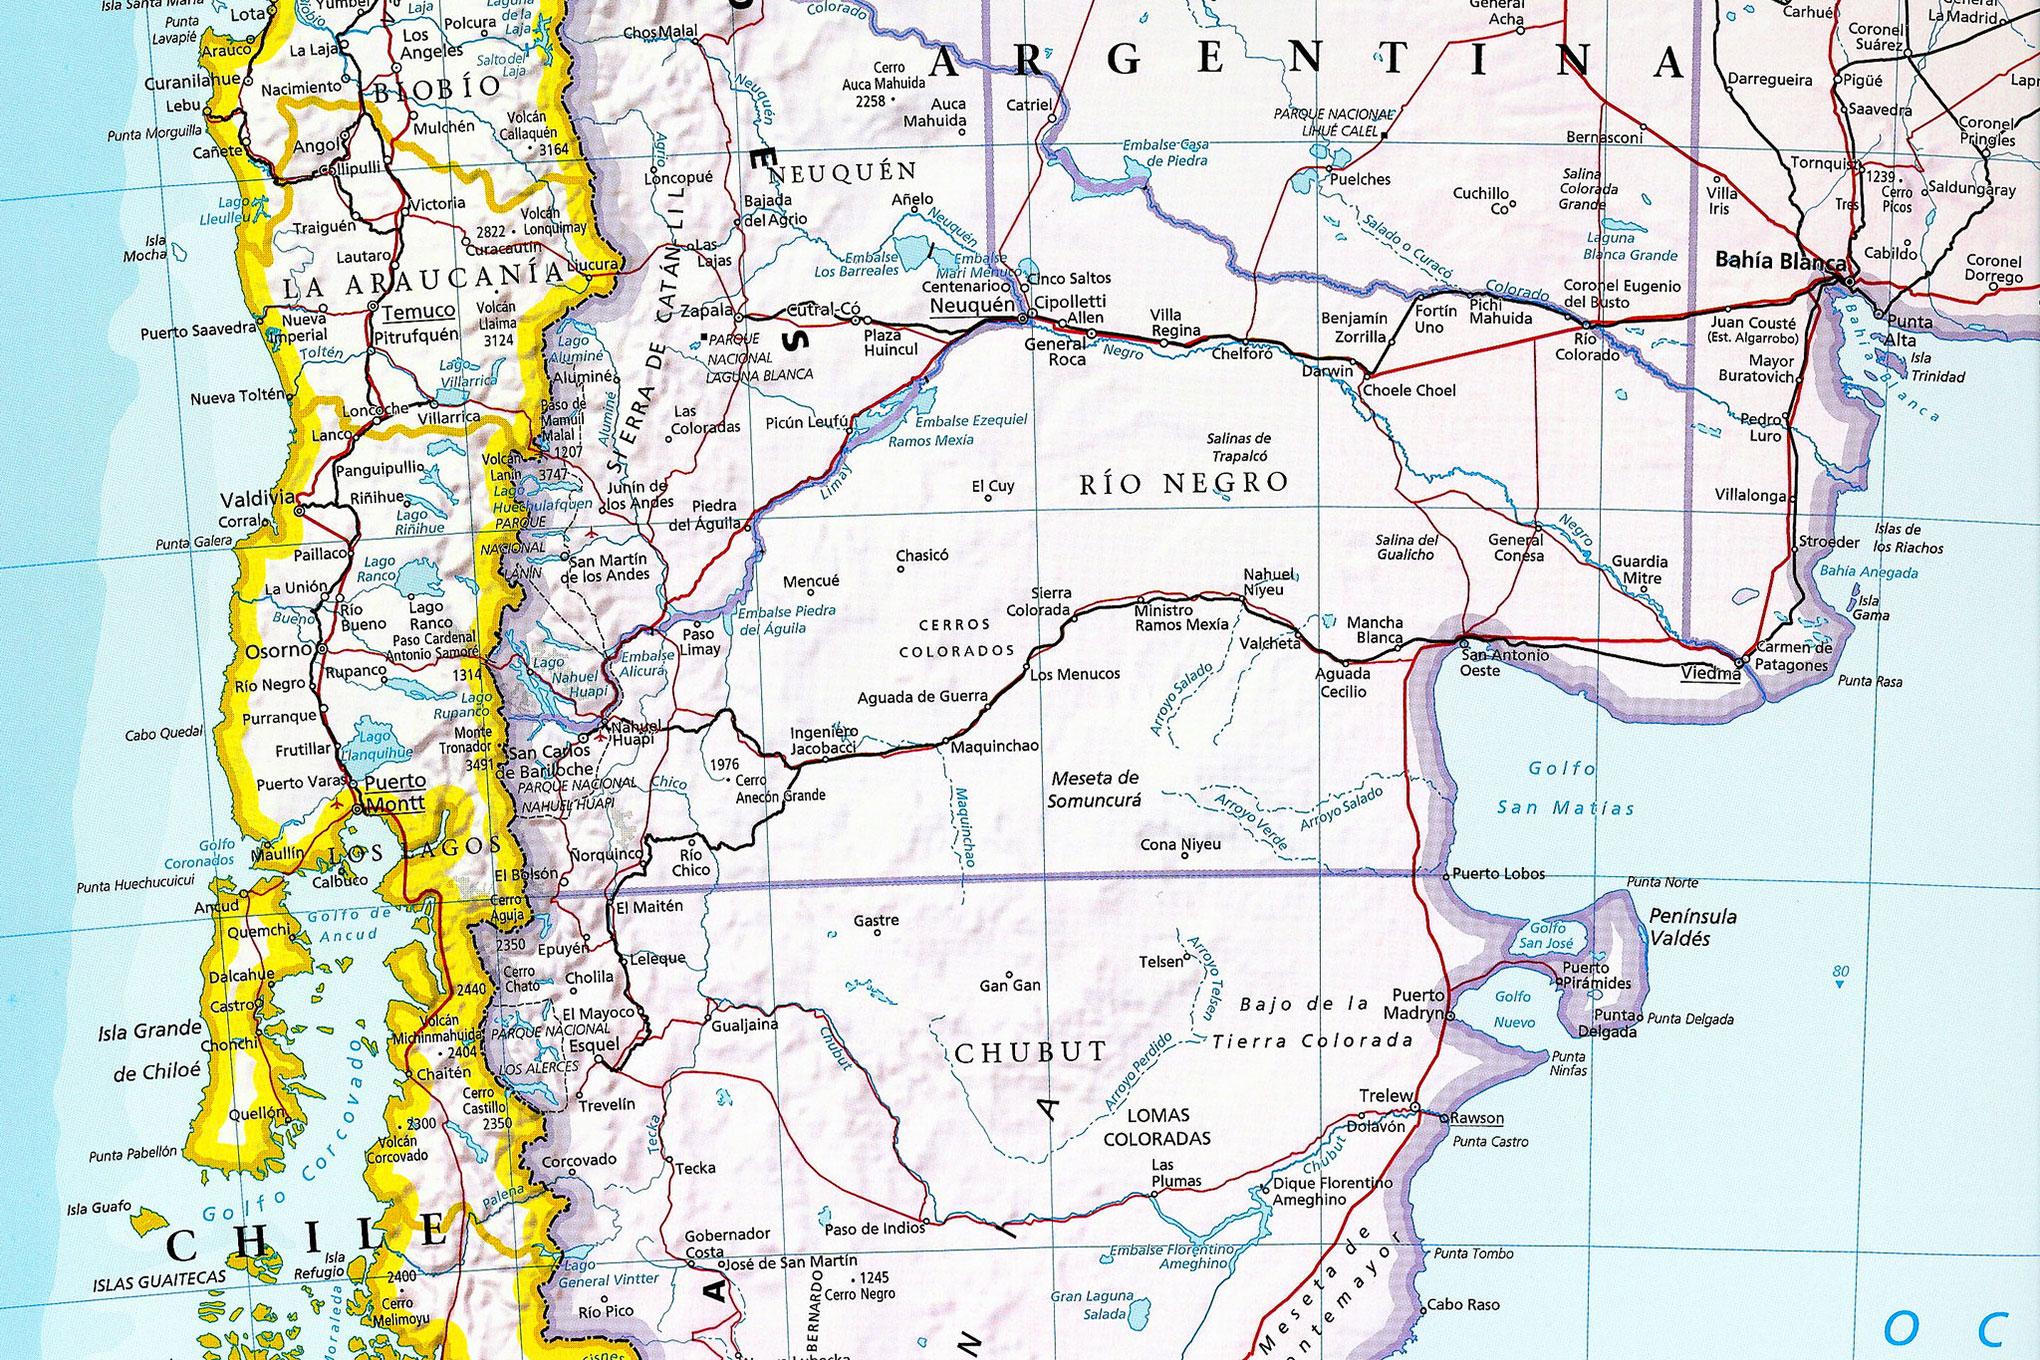 Mapa sur de Chile